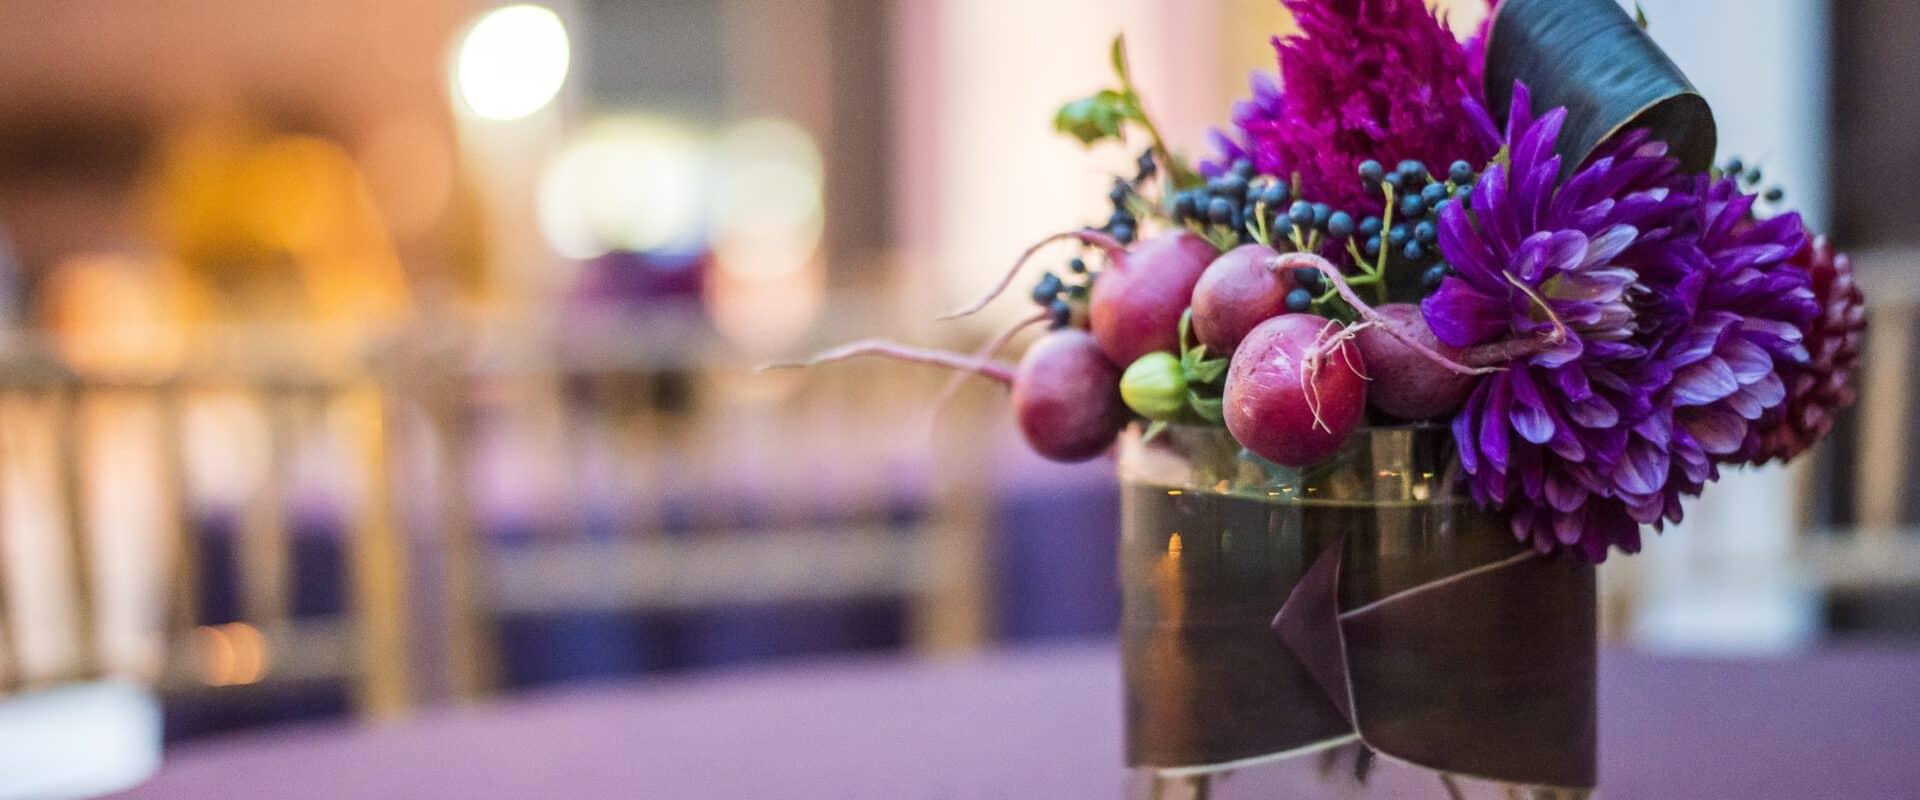 Purple and Magenta Flower Arrangement